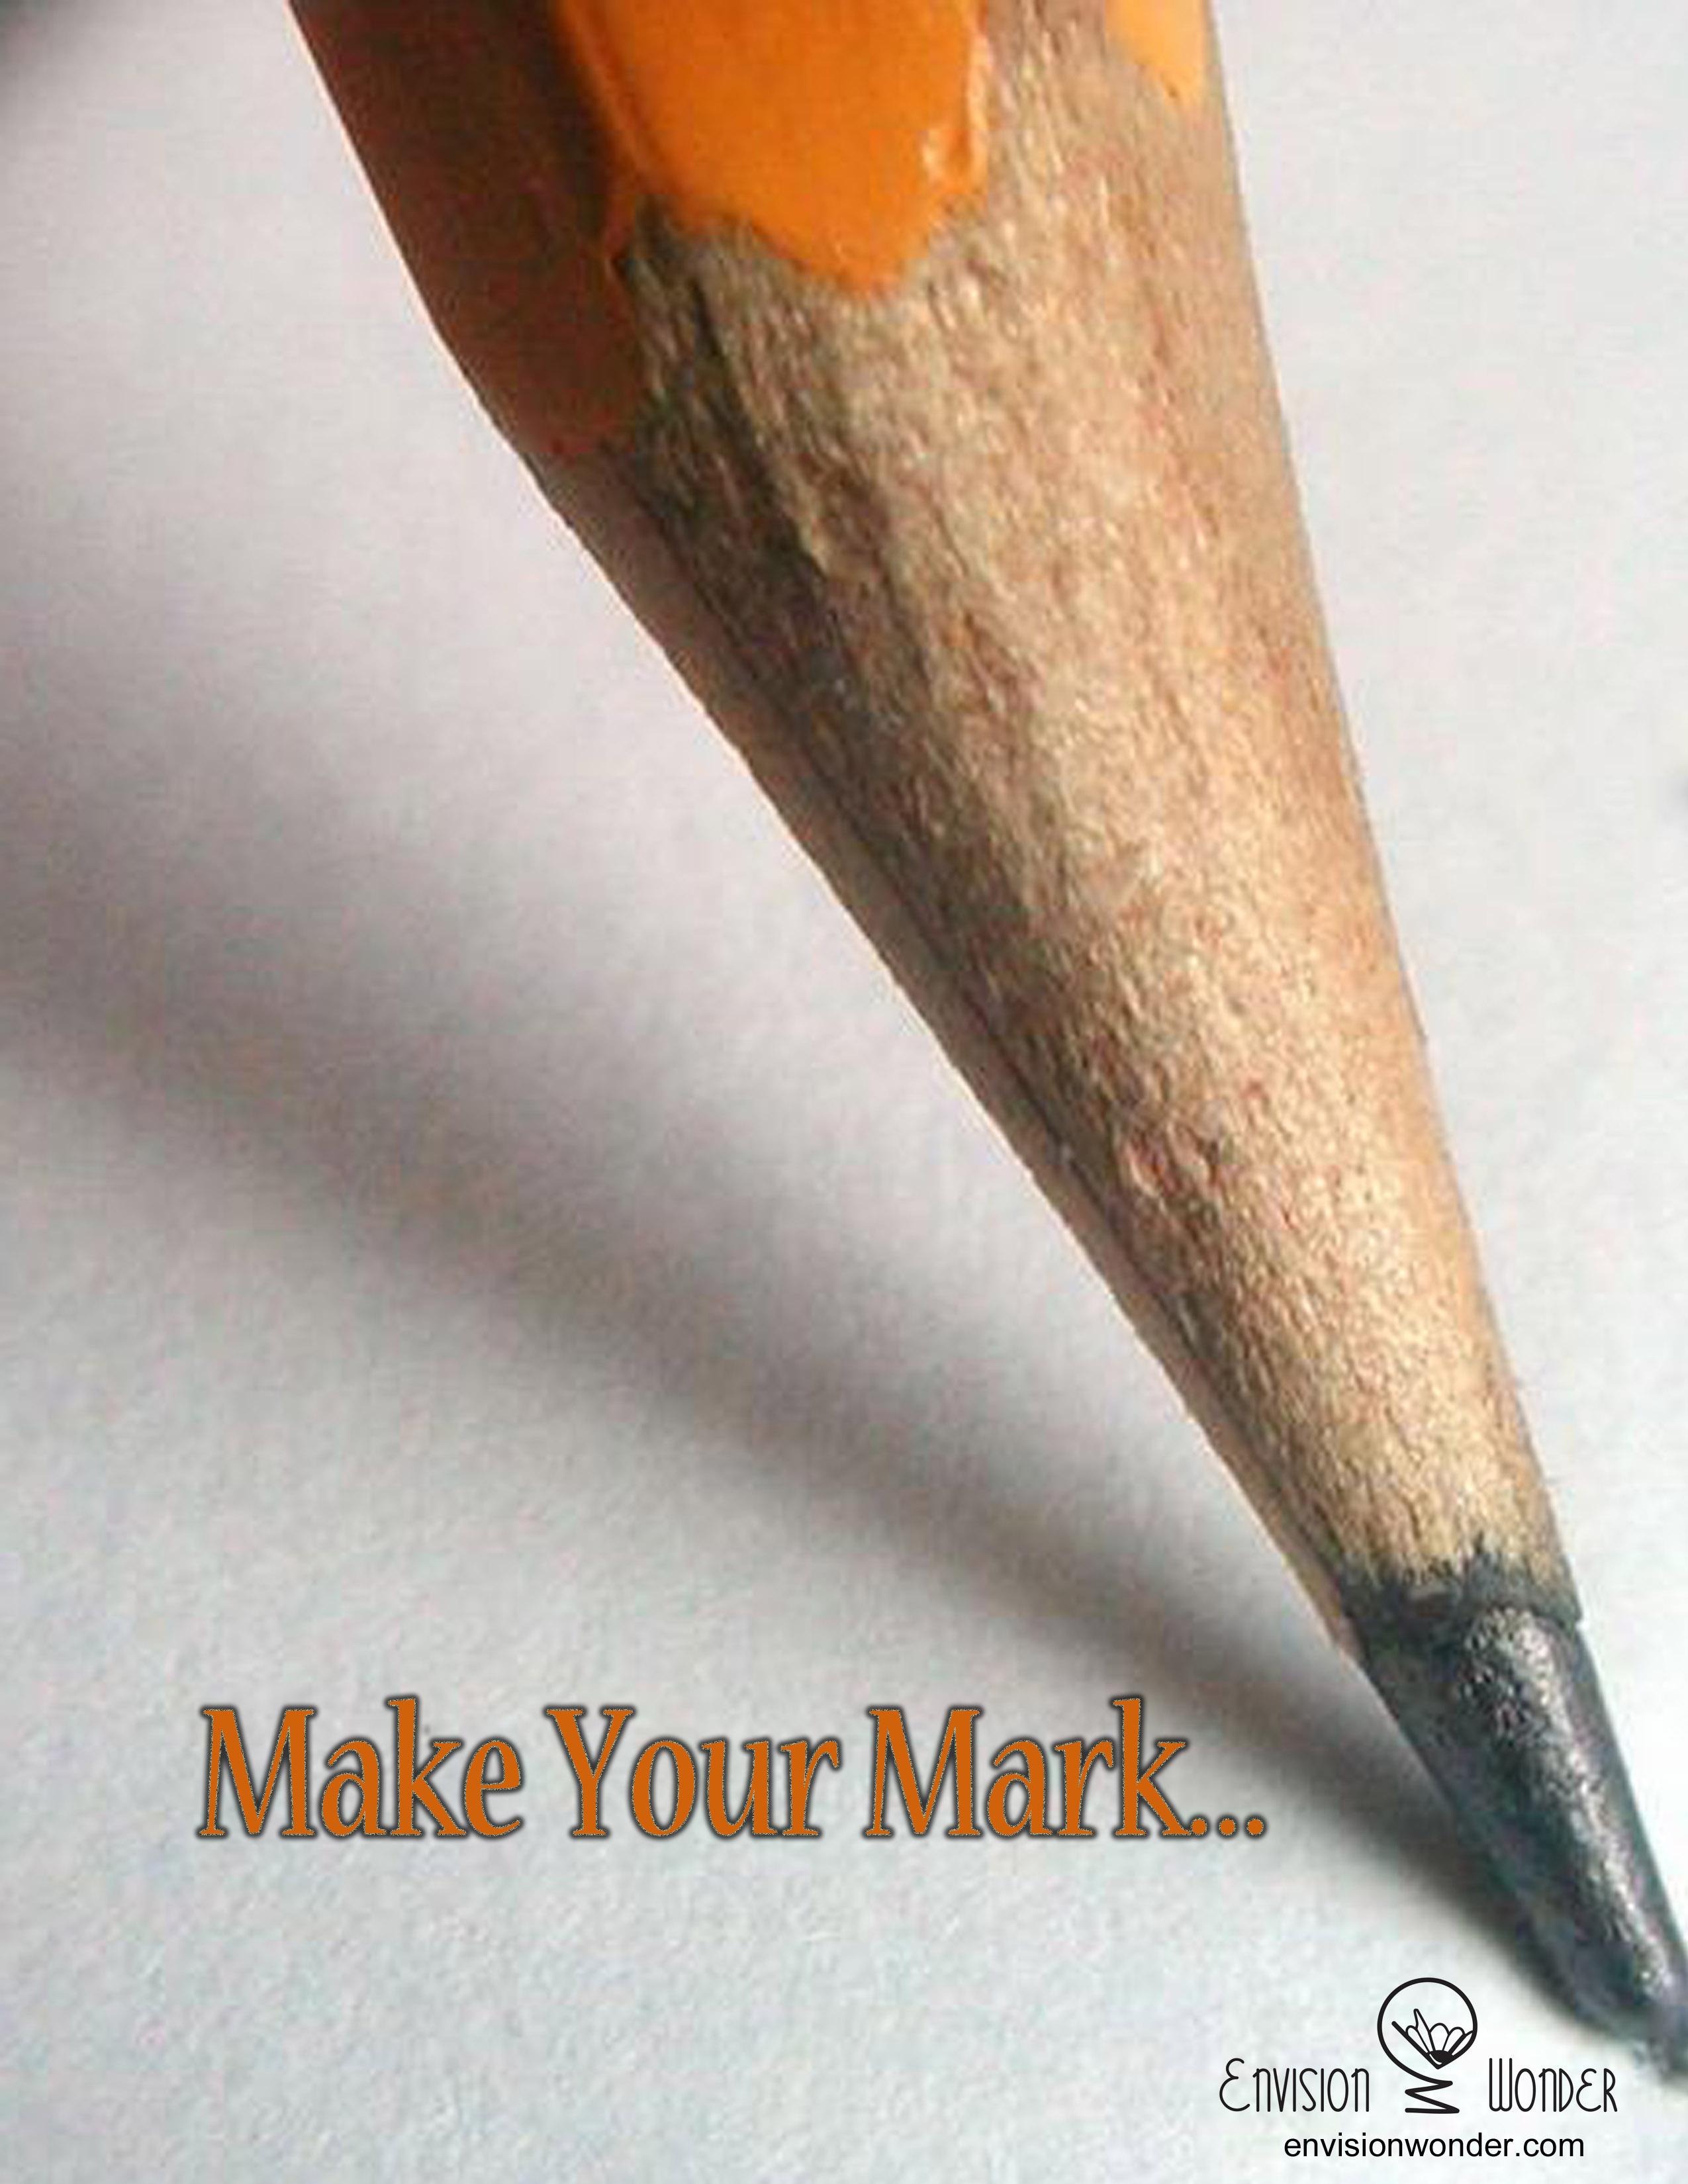 Make Your Mark_EnvisionWonder2016_1